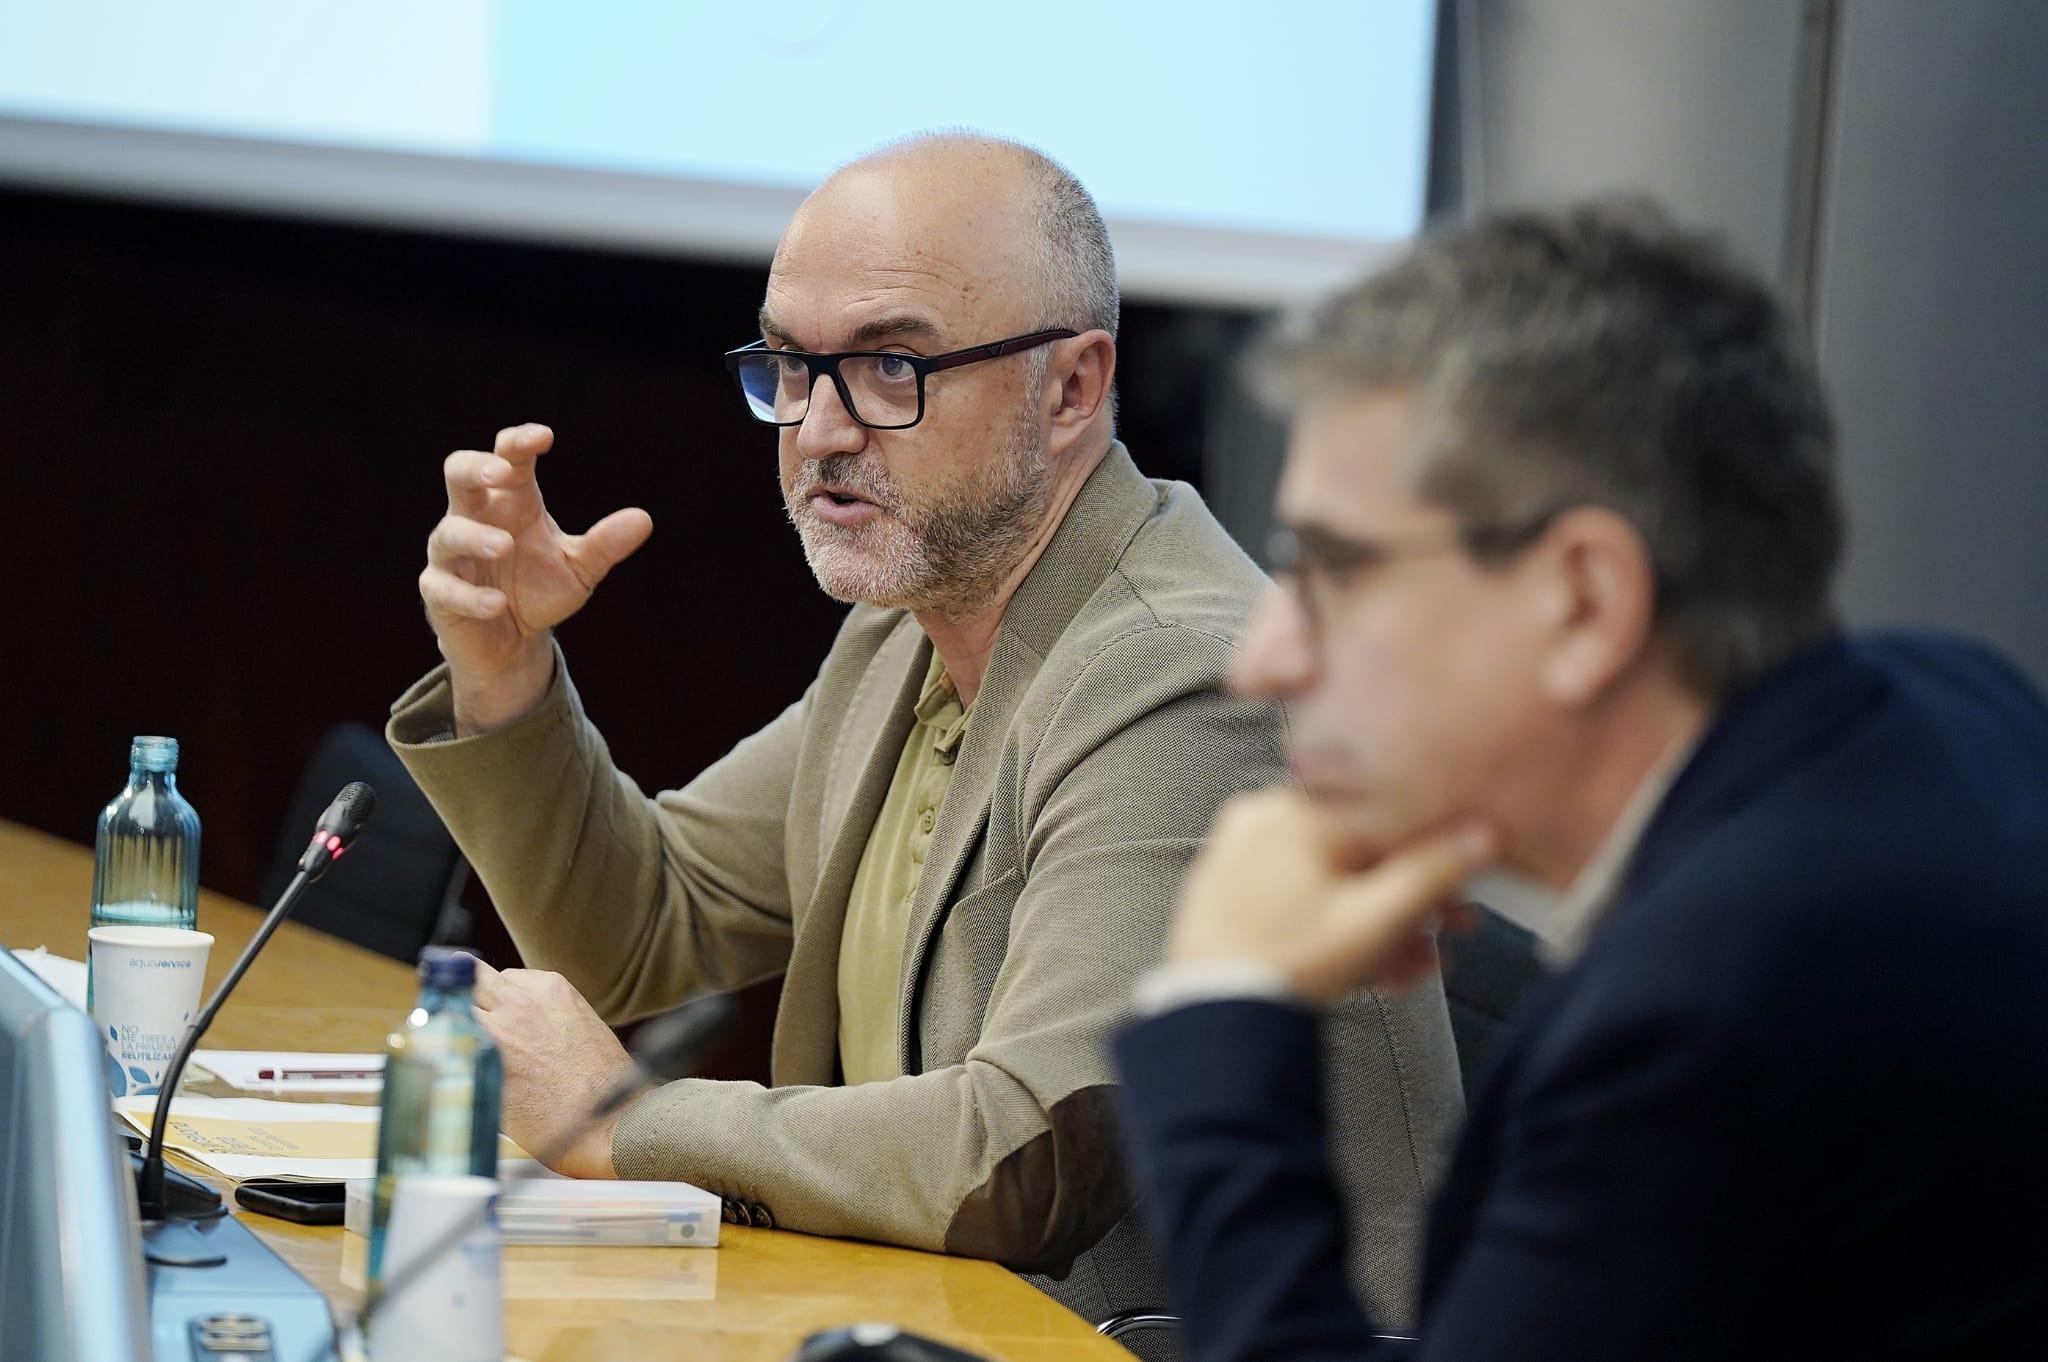 94/5000 Oriol Estela y Jordi Martí durante la presentación de Barcelona Demà. Compromís Metropolità 2030